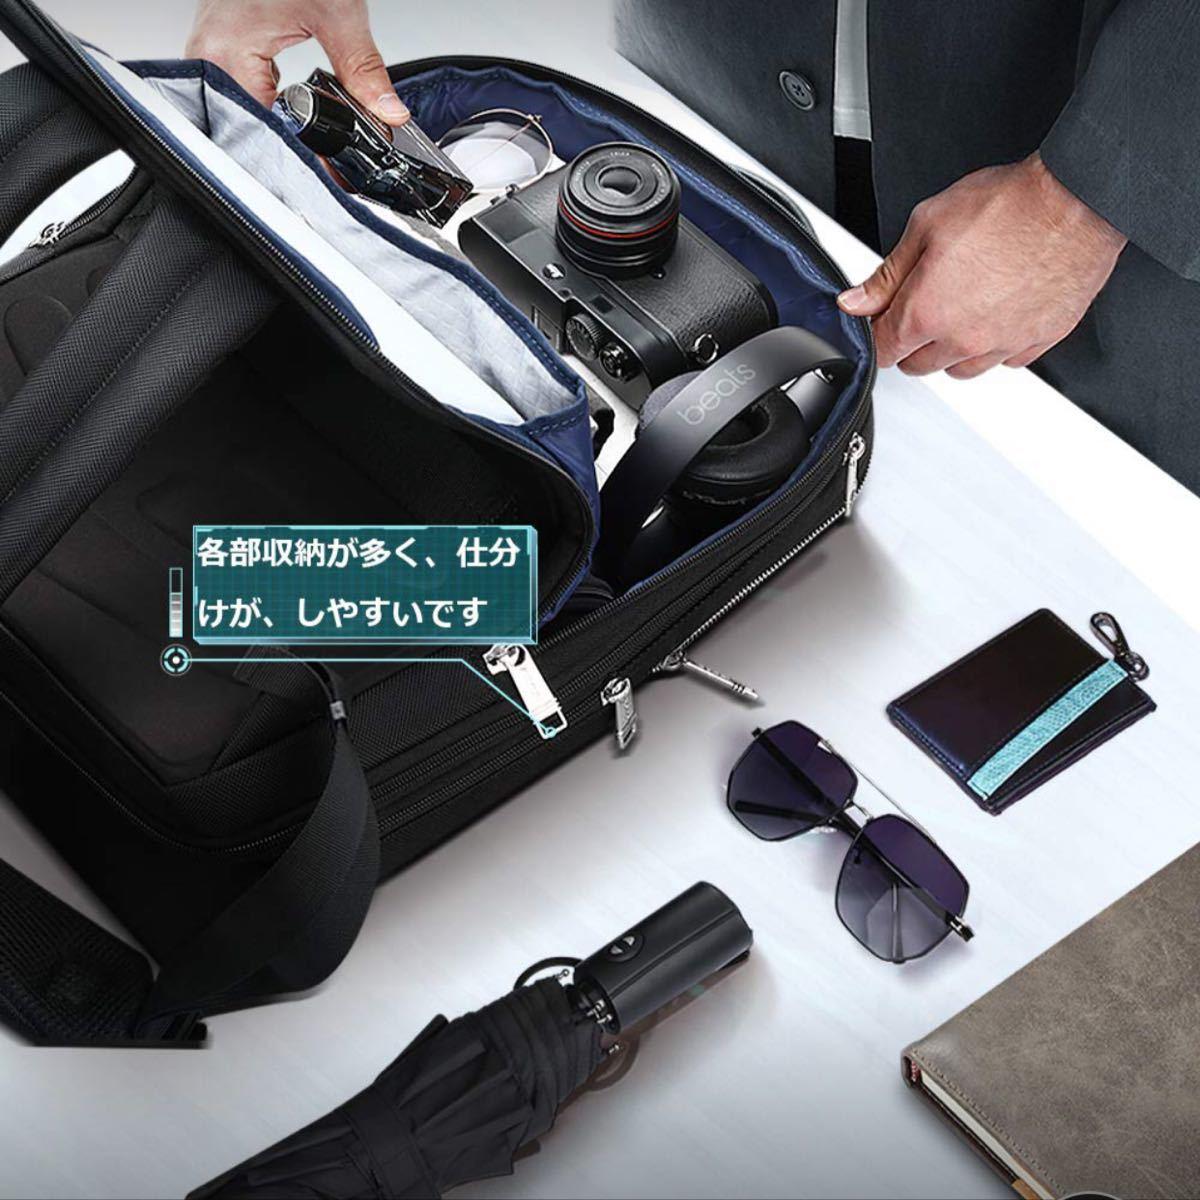 リュック メンズ 容量追加 ビジネスリュックUSB充電ポート搭載 皮